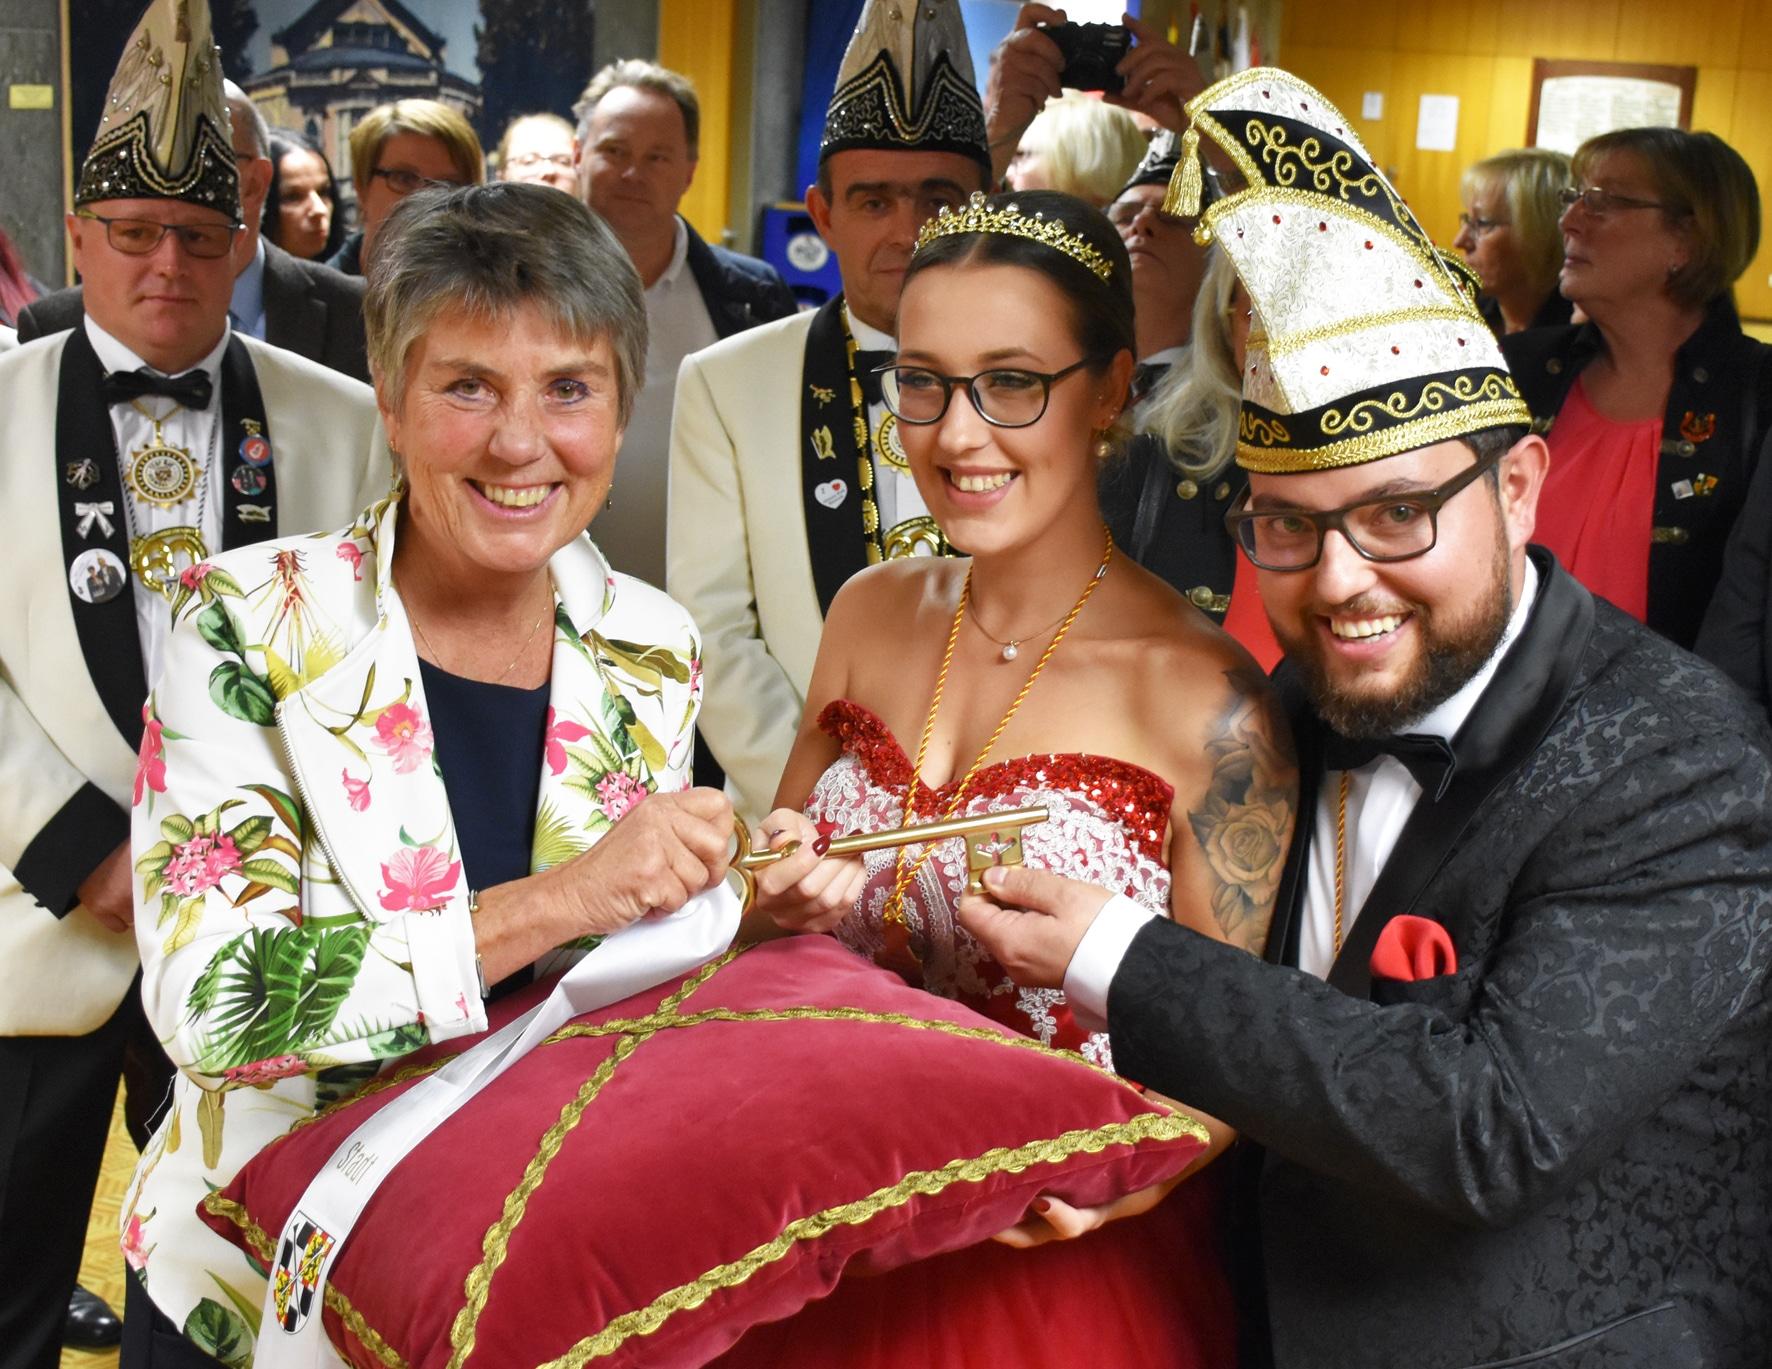 Schlüsselübergabe im Rathaus (von links): Oberbürgermeisterin Brigitte Merk-Erbe mit dem Faschingsprinzenpaar Sarah I. und Kai I. von der Faschingsgesellschaft Bayreuther Hexen.   Foto: Andreas Türk